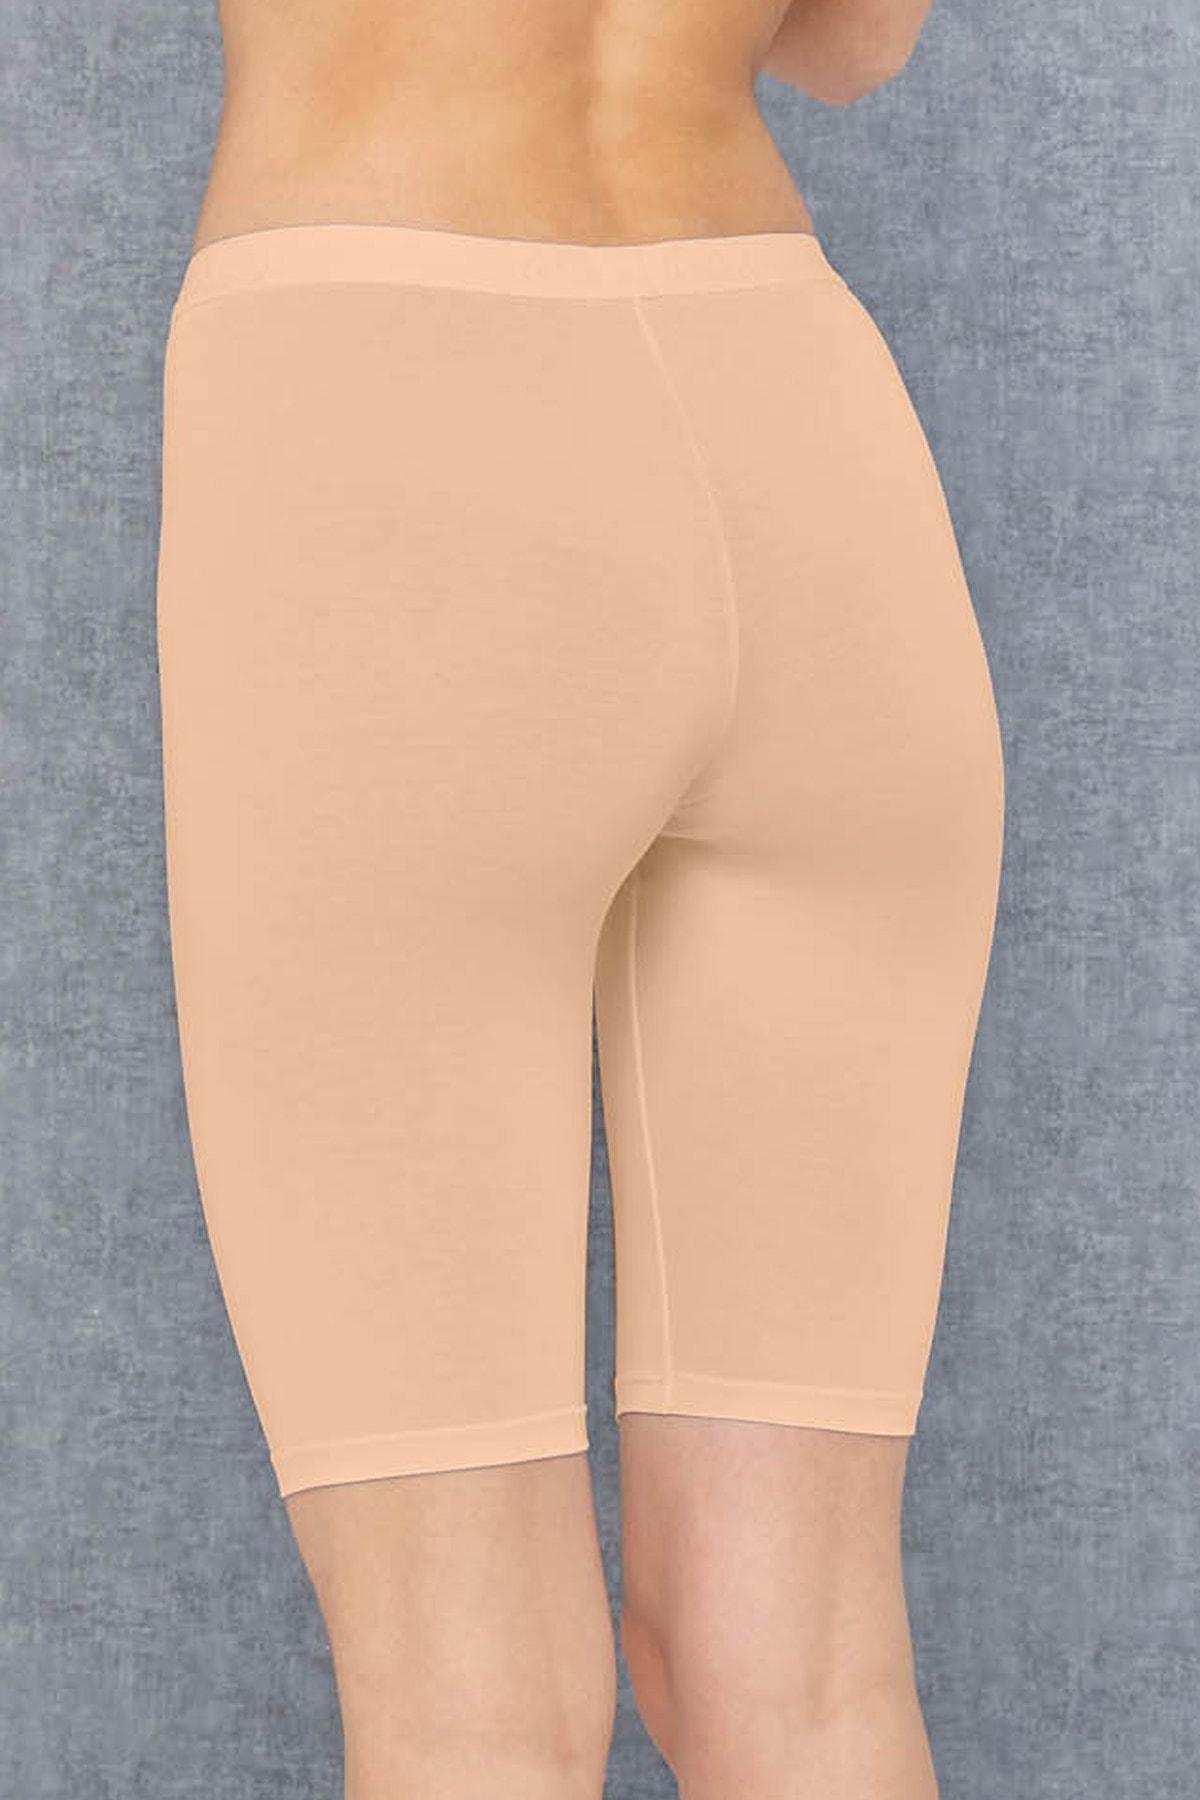 Doreanse Kadın Modal Ten Rengi Şort Sıkılaştırıcı Tayt 9900 2